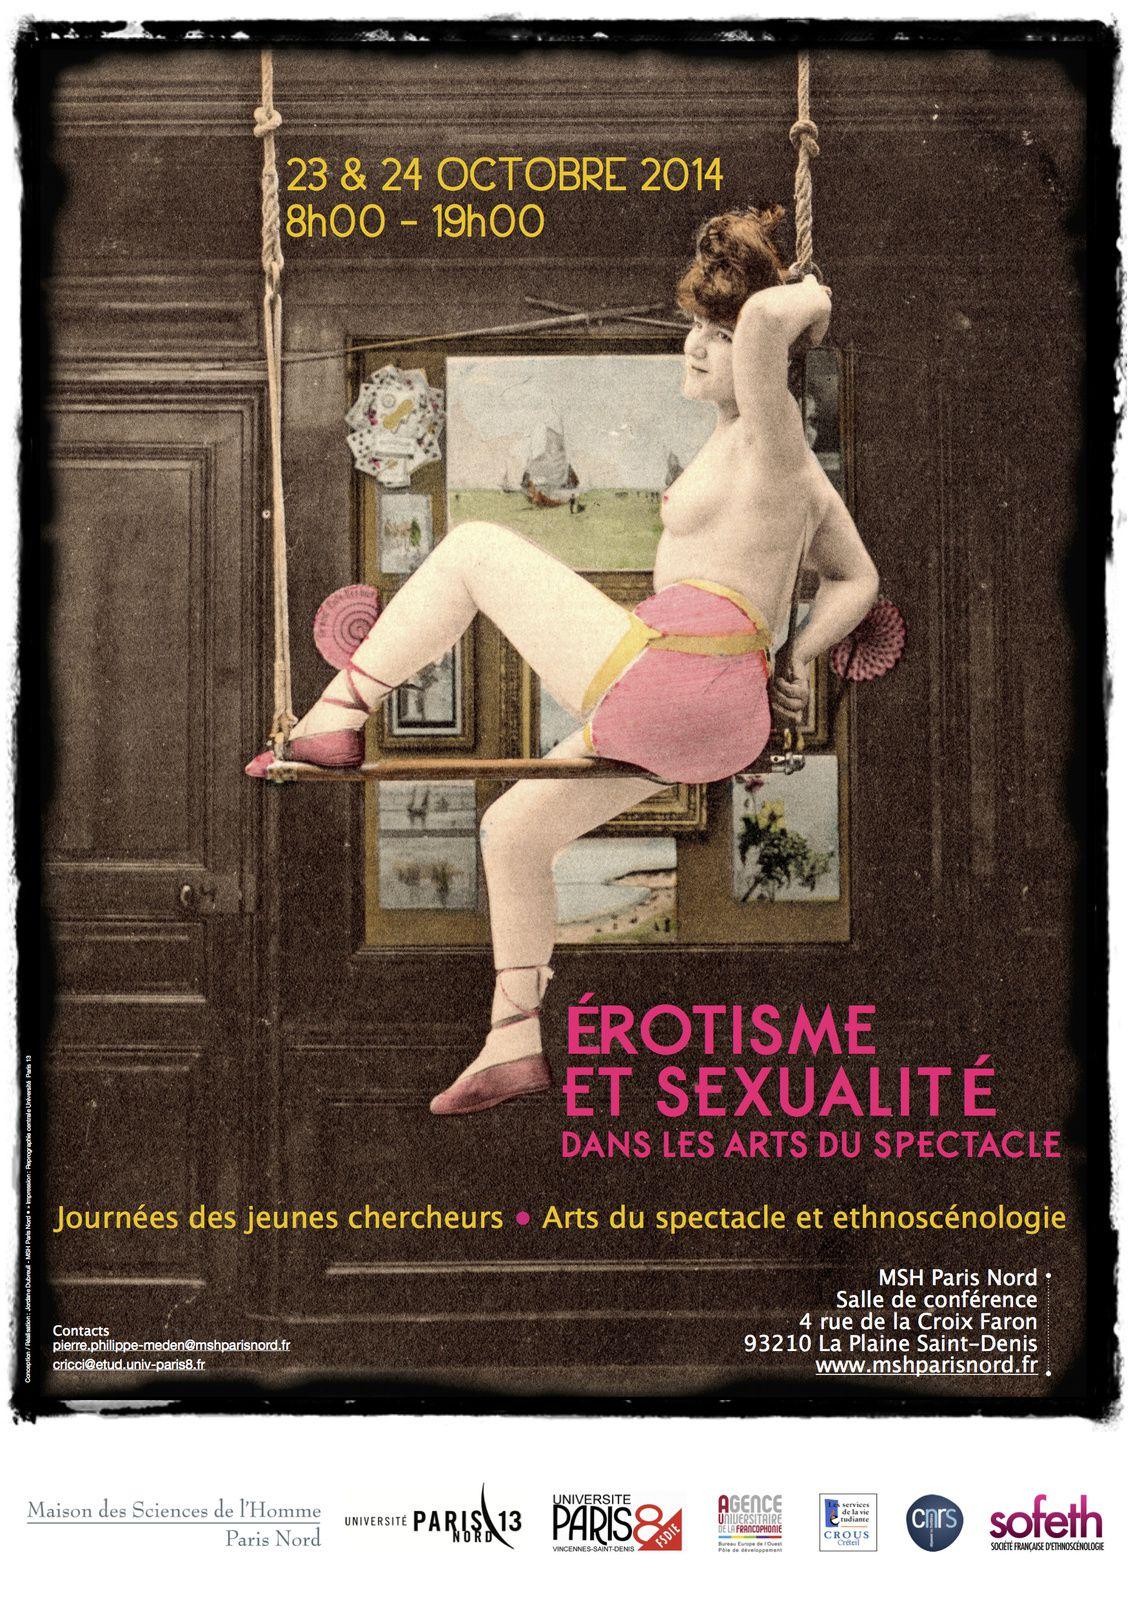 Programme : Érotisme et sexualité dans les arts du spectacle (23 & 24 octobre 2014)